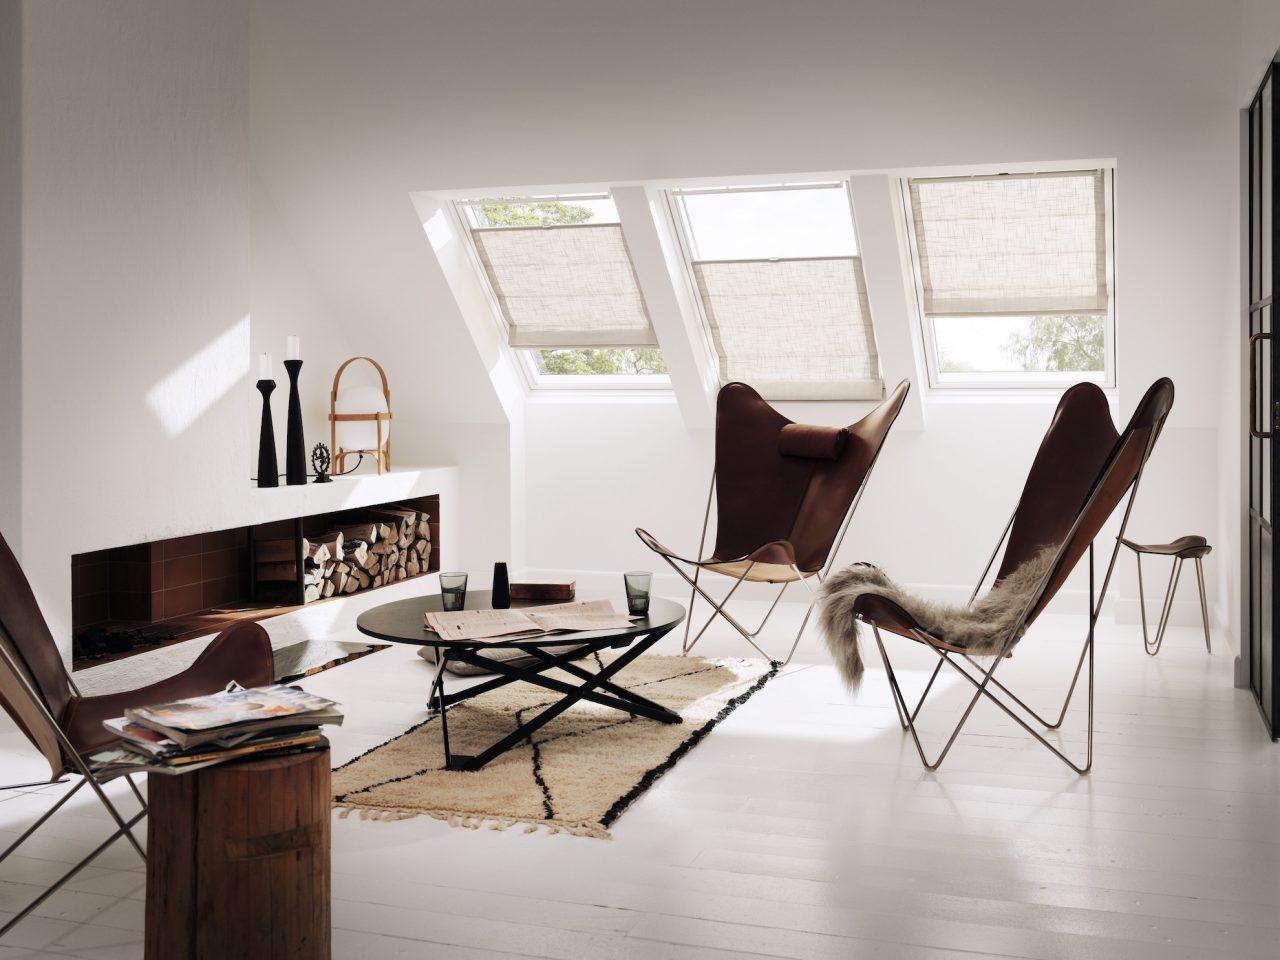 12 idee per rinnovare una soffitta - Tende alle finestre ...